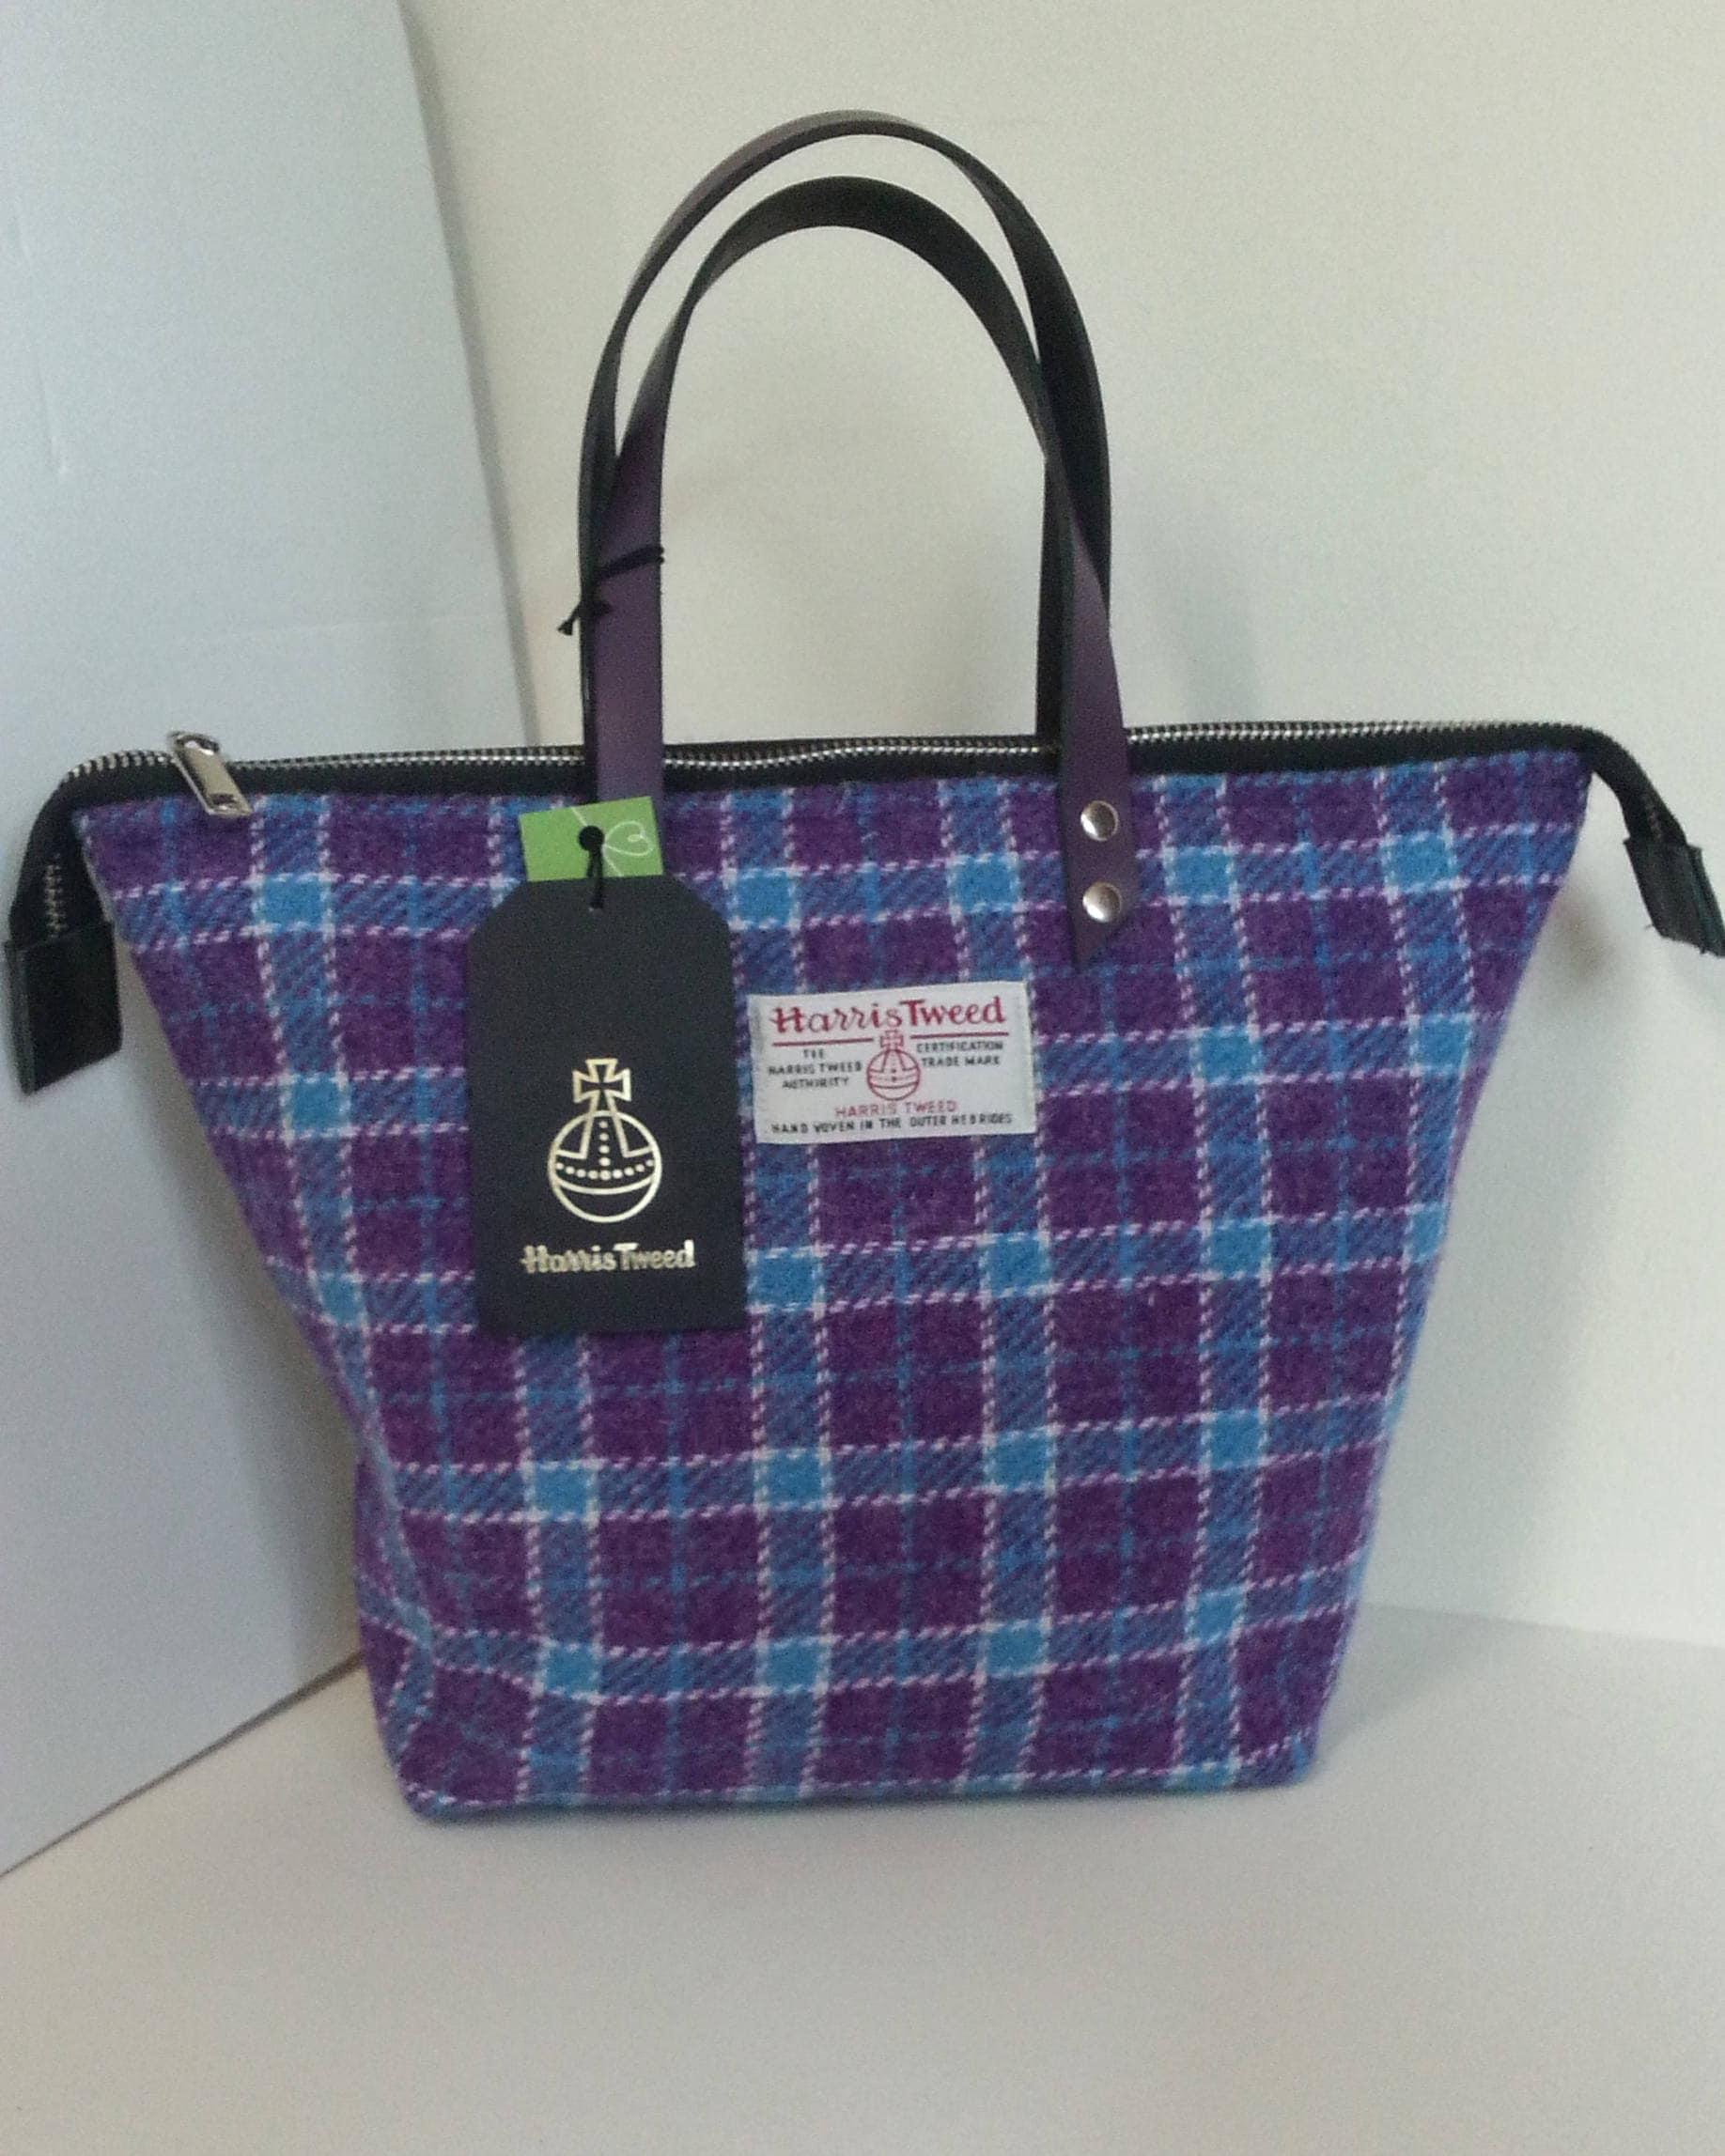 Purple and Turquoise Harris Tweed Handbag